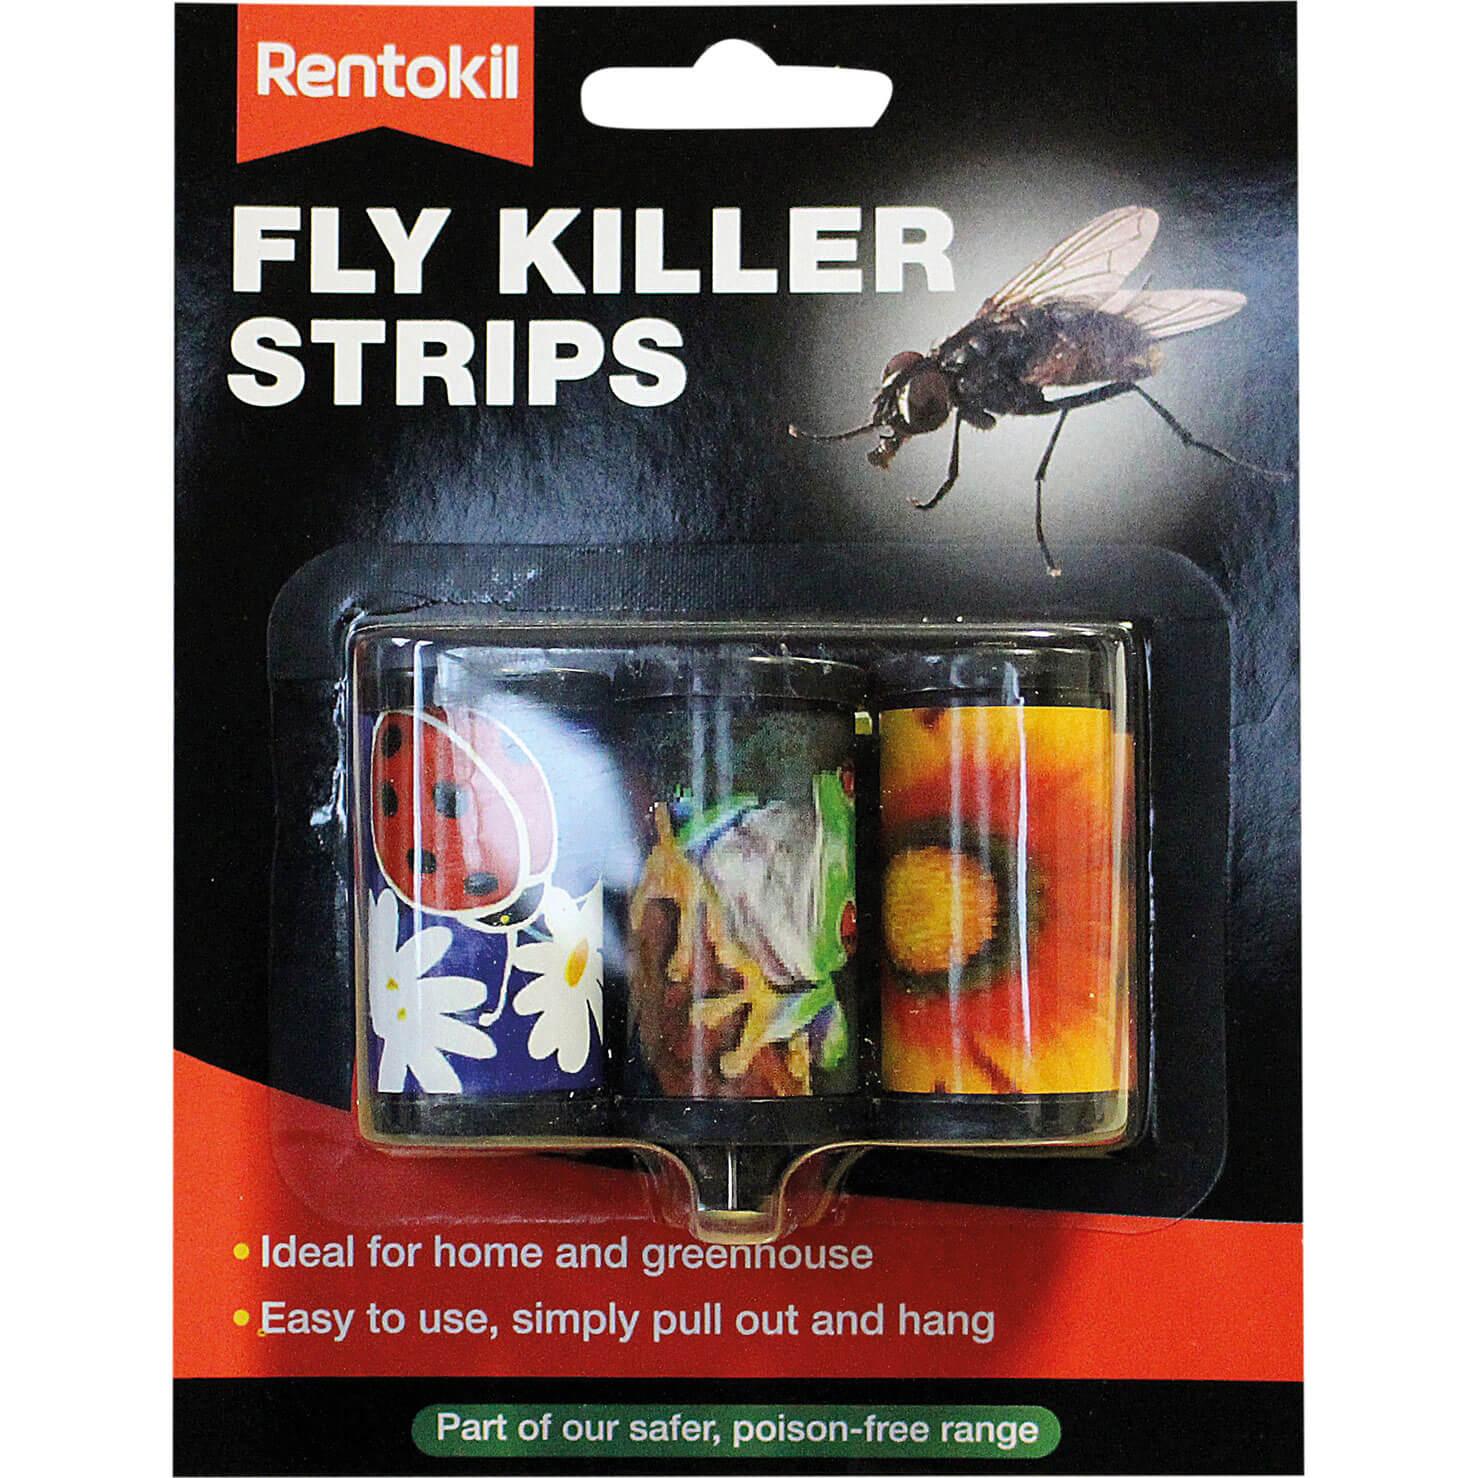 Image of Rentokil Fly Killer Strips Pack of 3